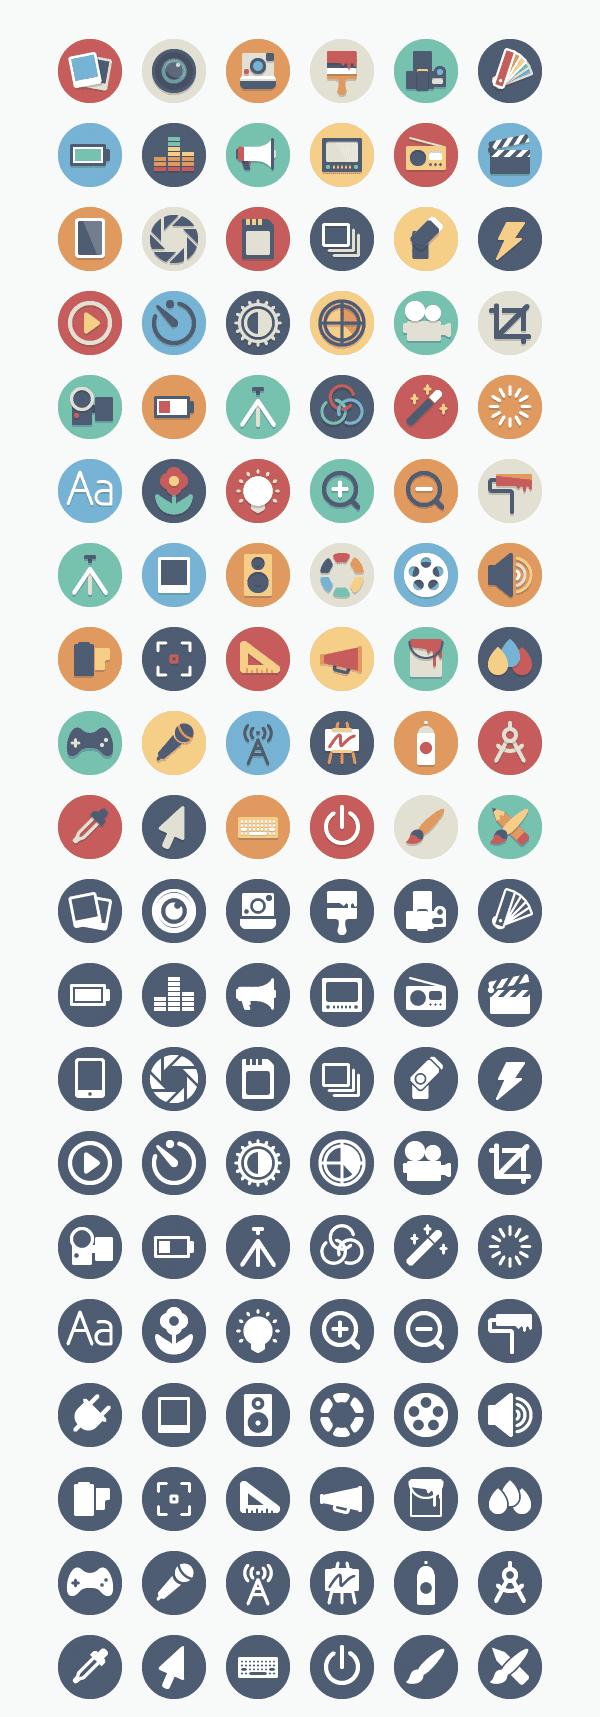 media-icons-full